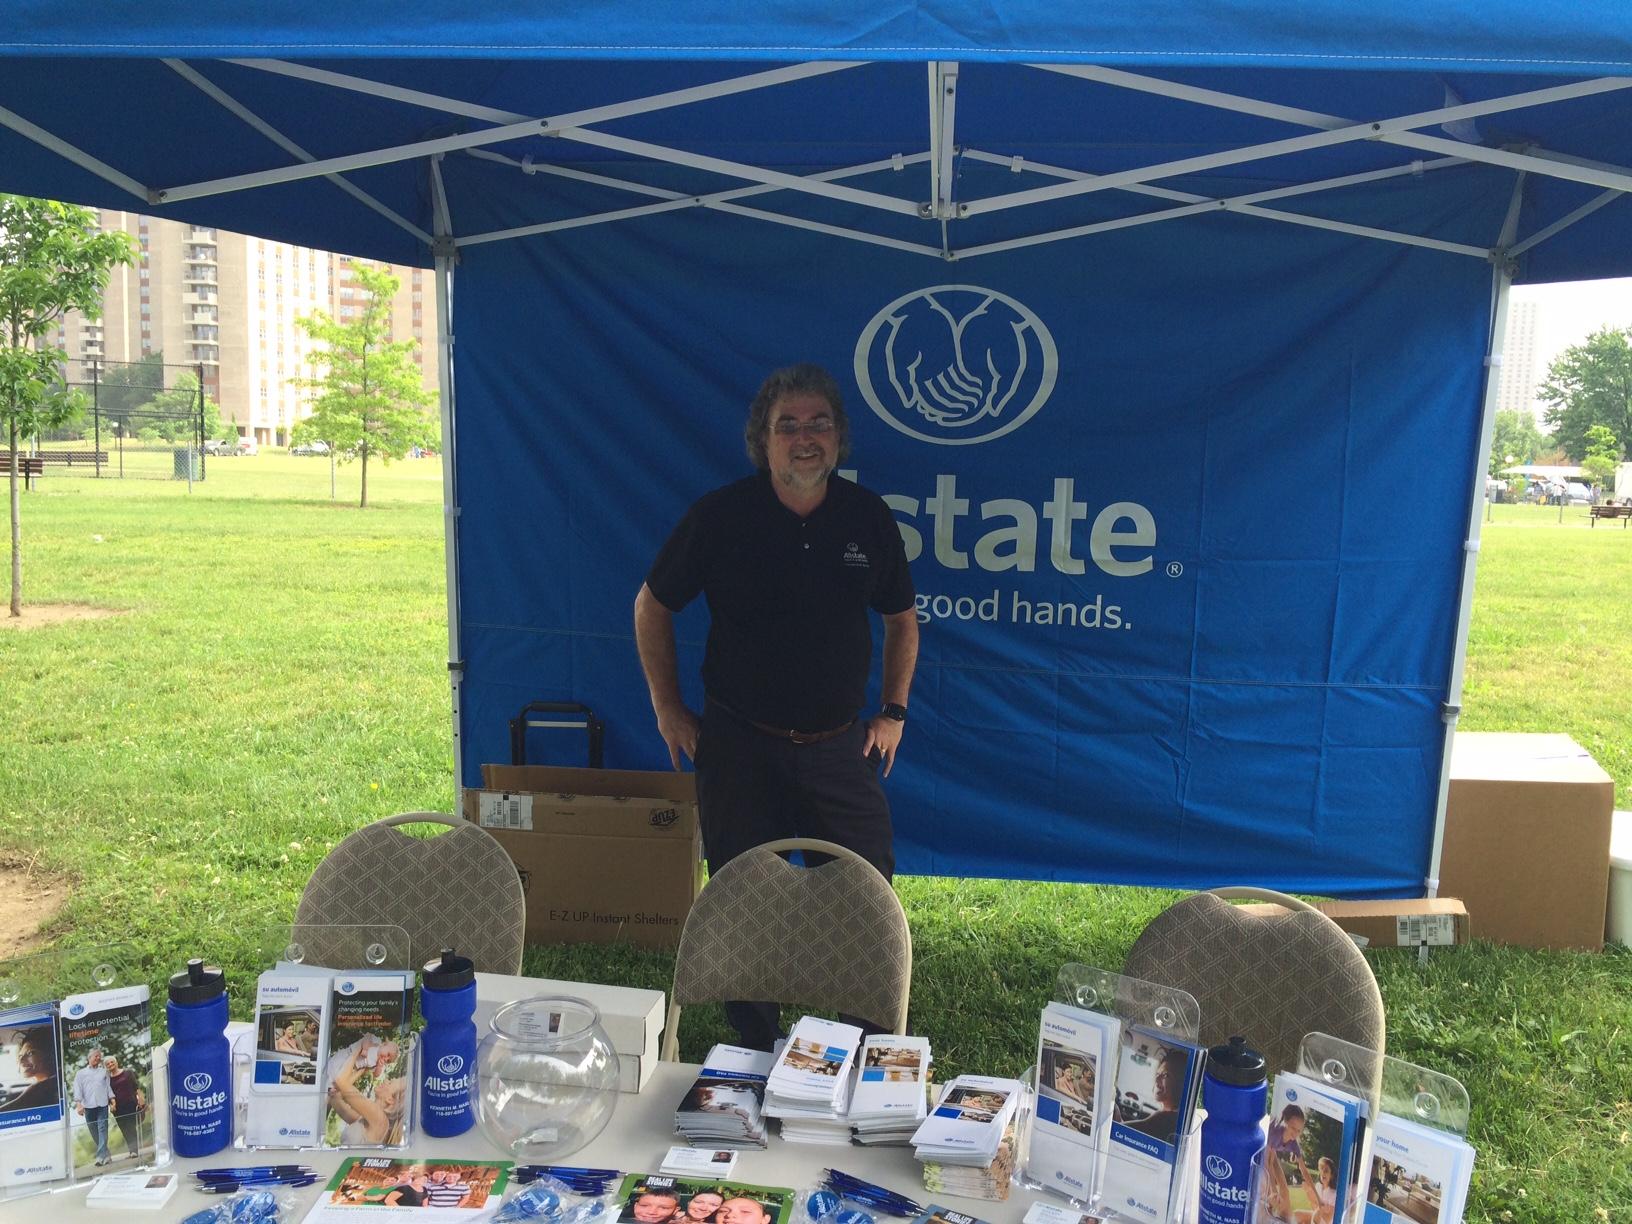 Kenneth Nass: Allstate Insurance image 3